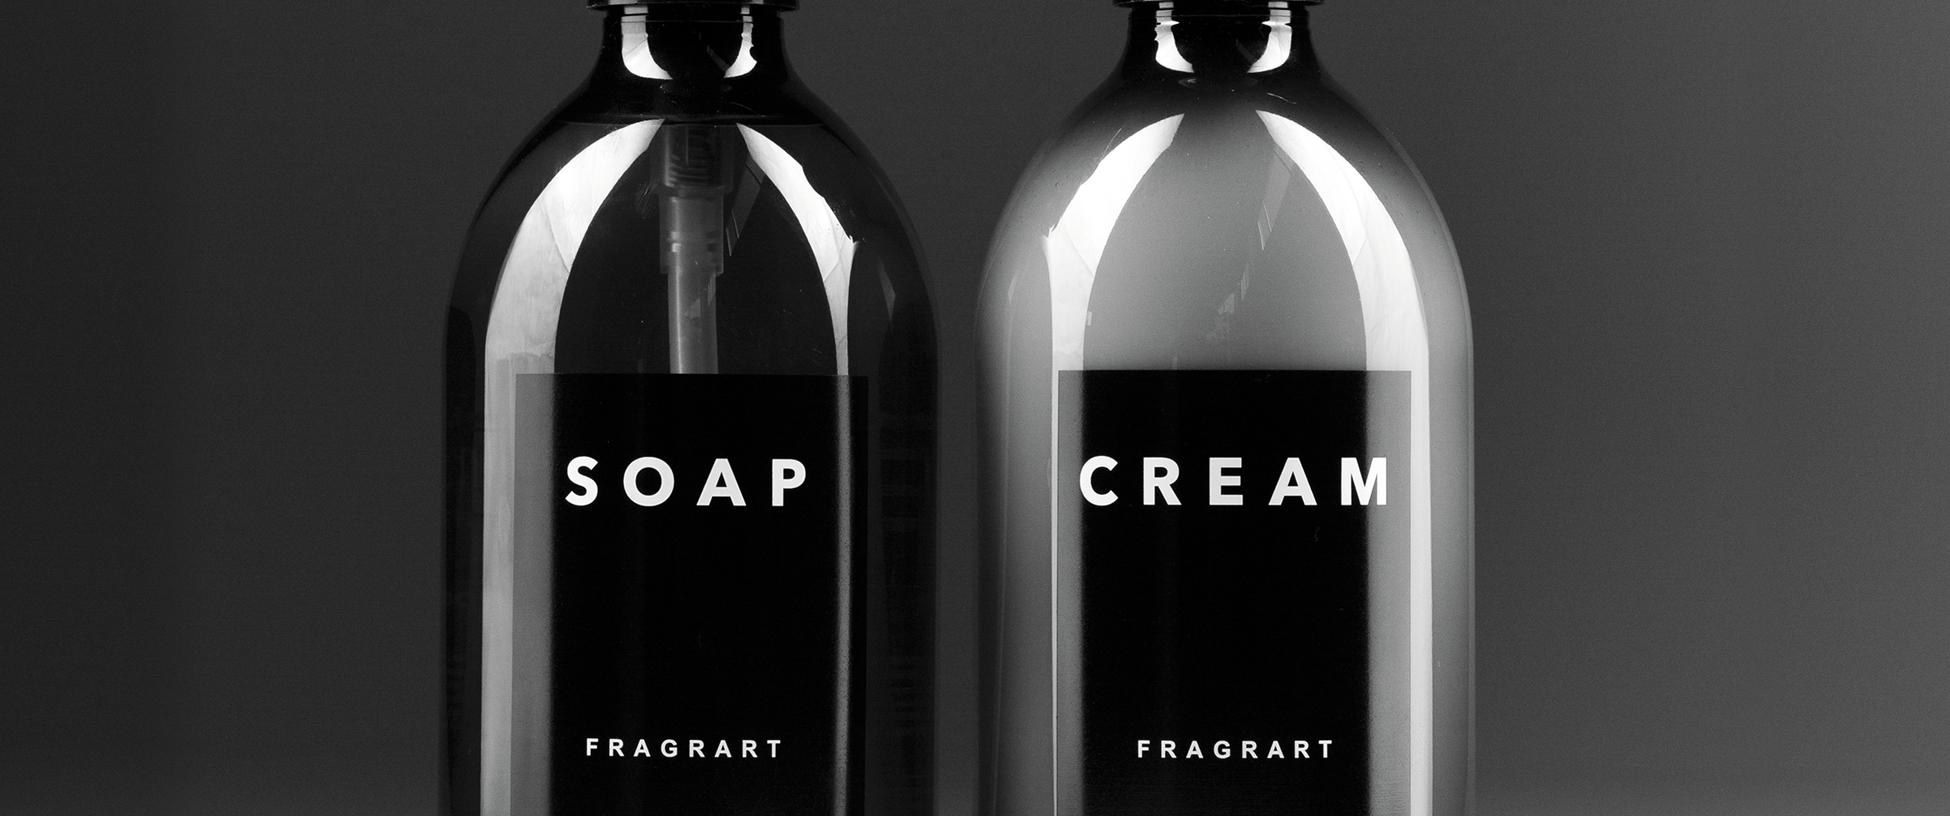 Fragrart